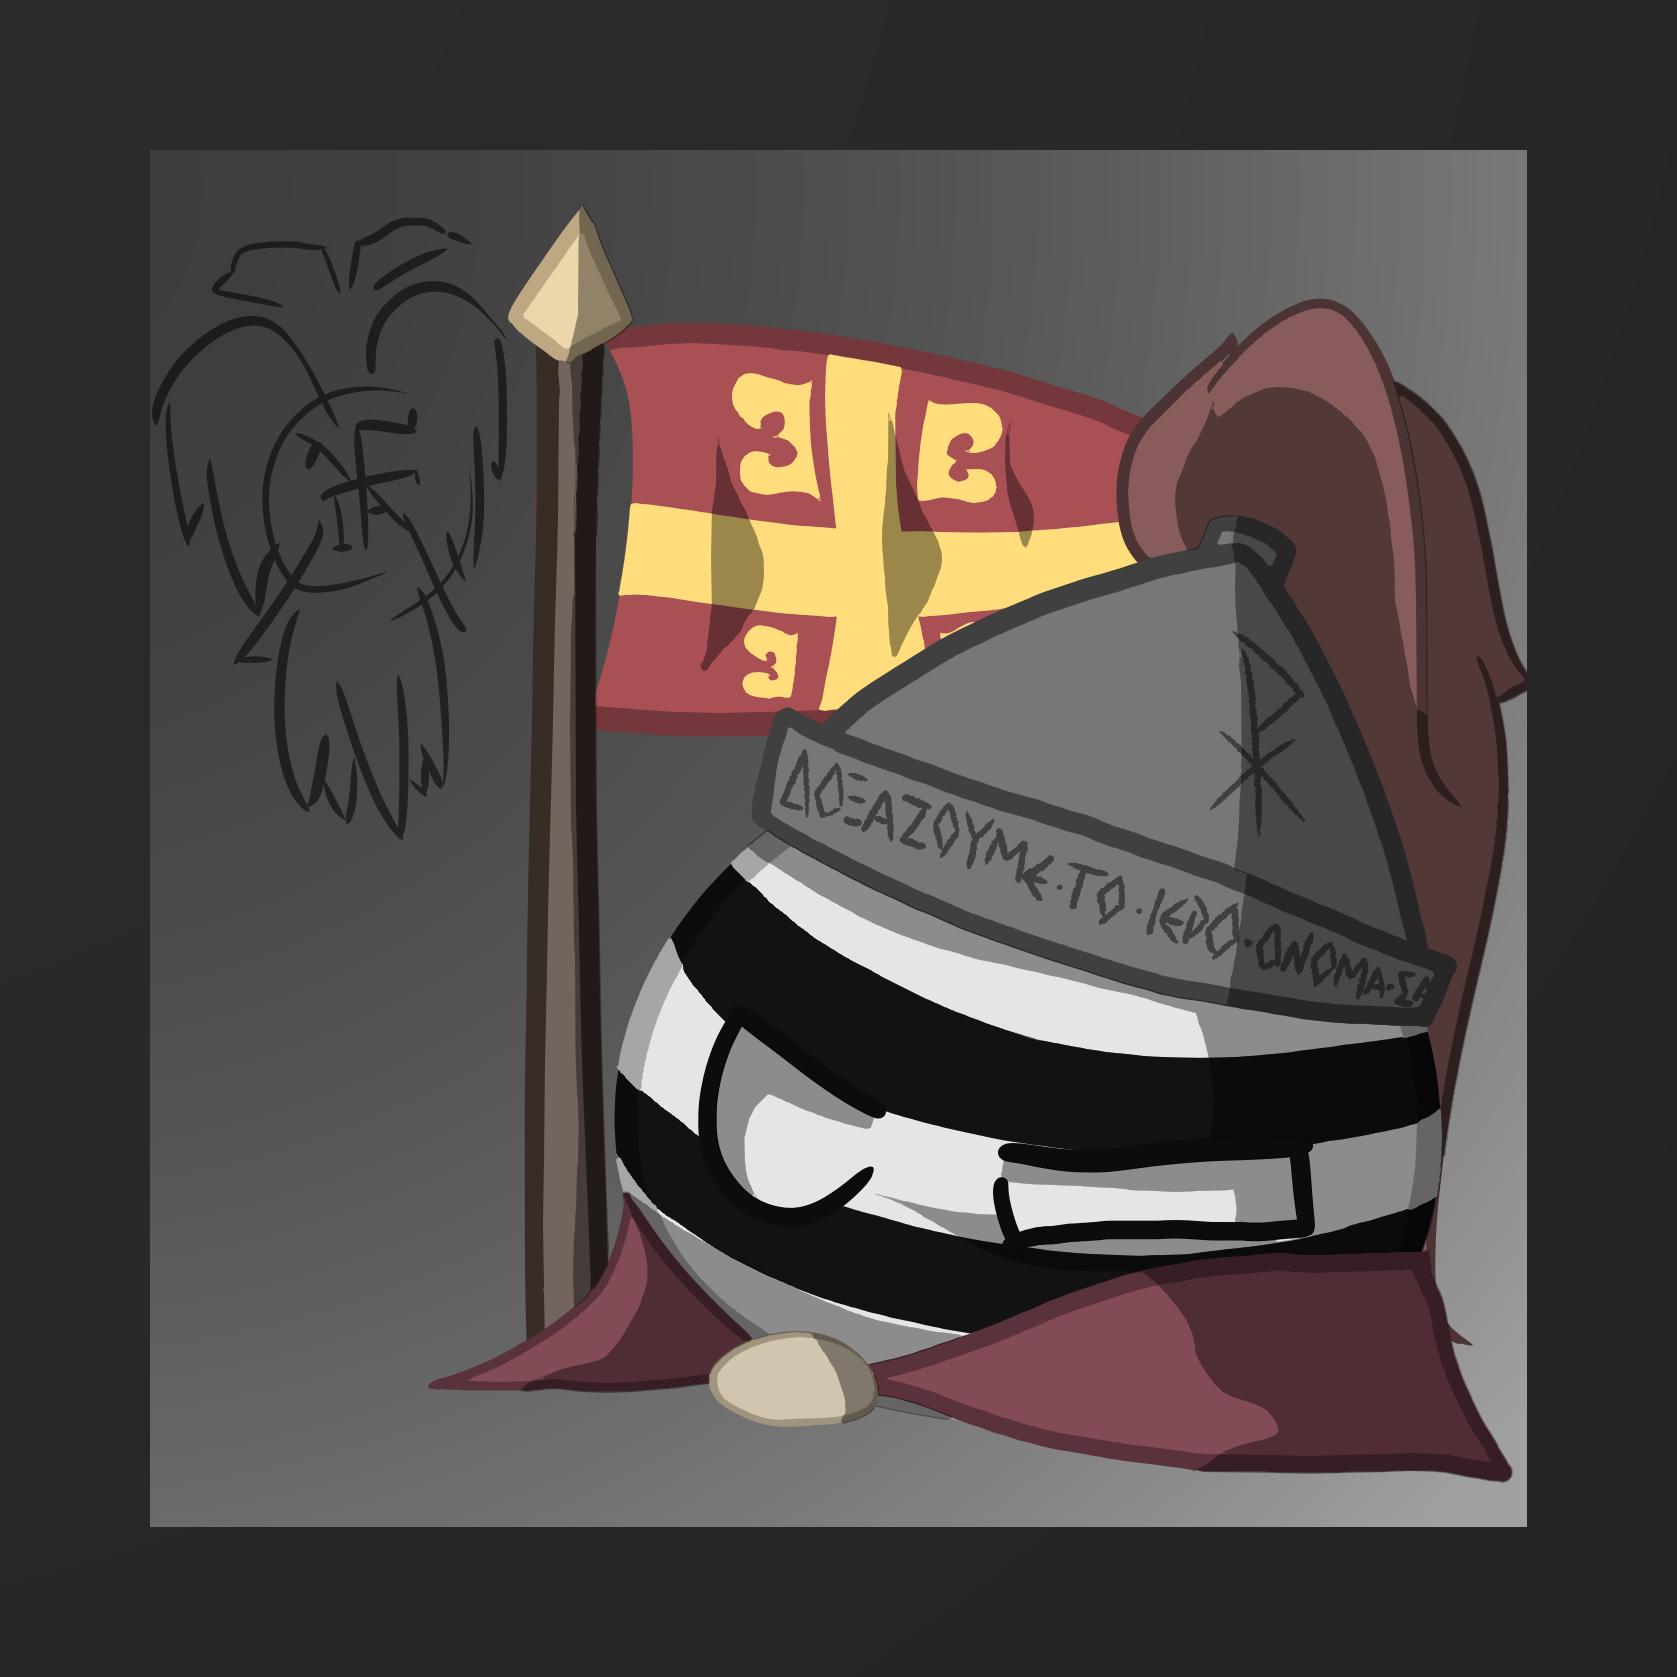 Empire of Trebizondball